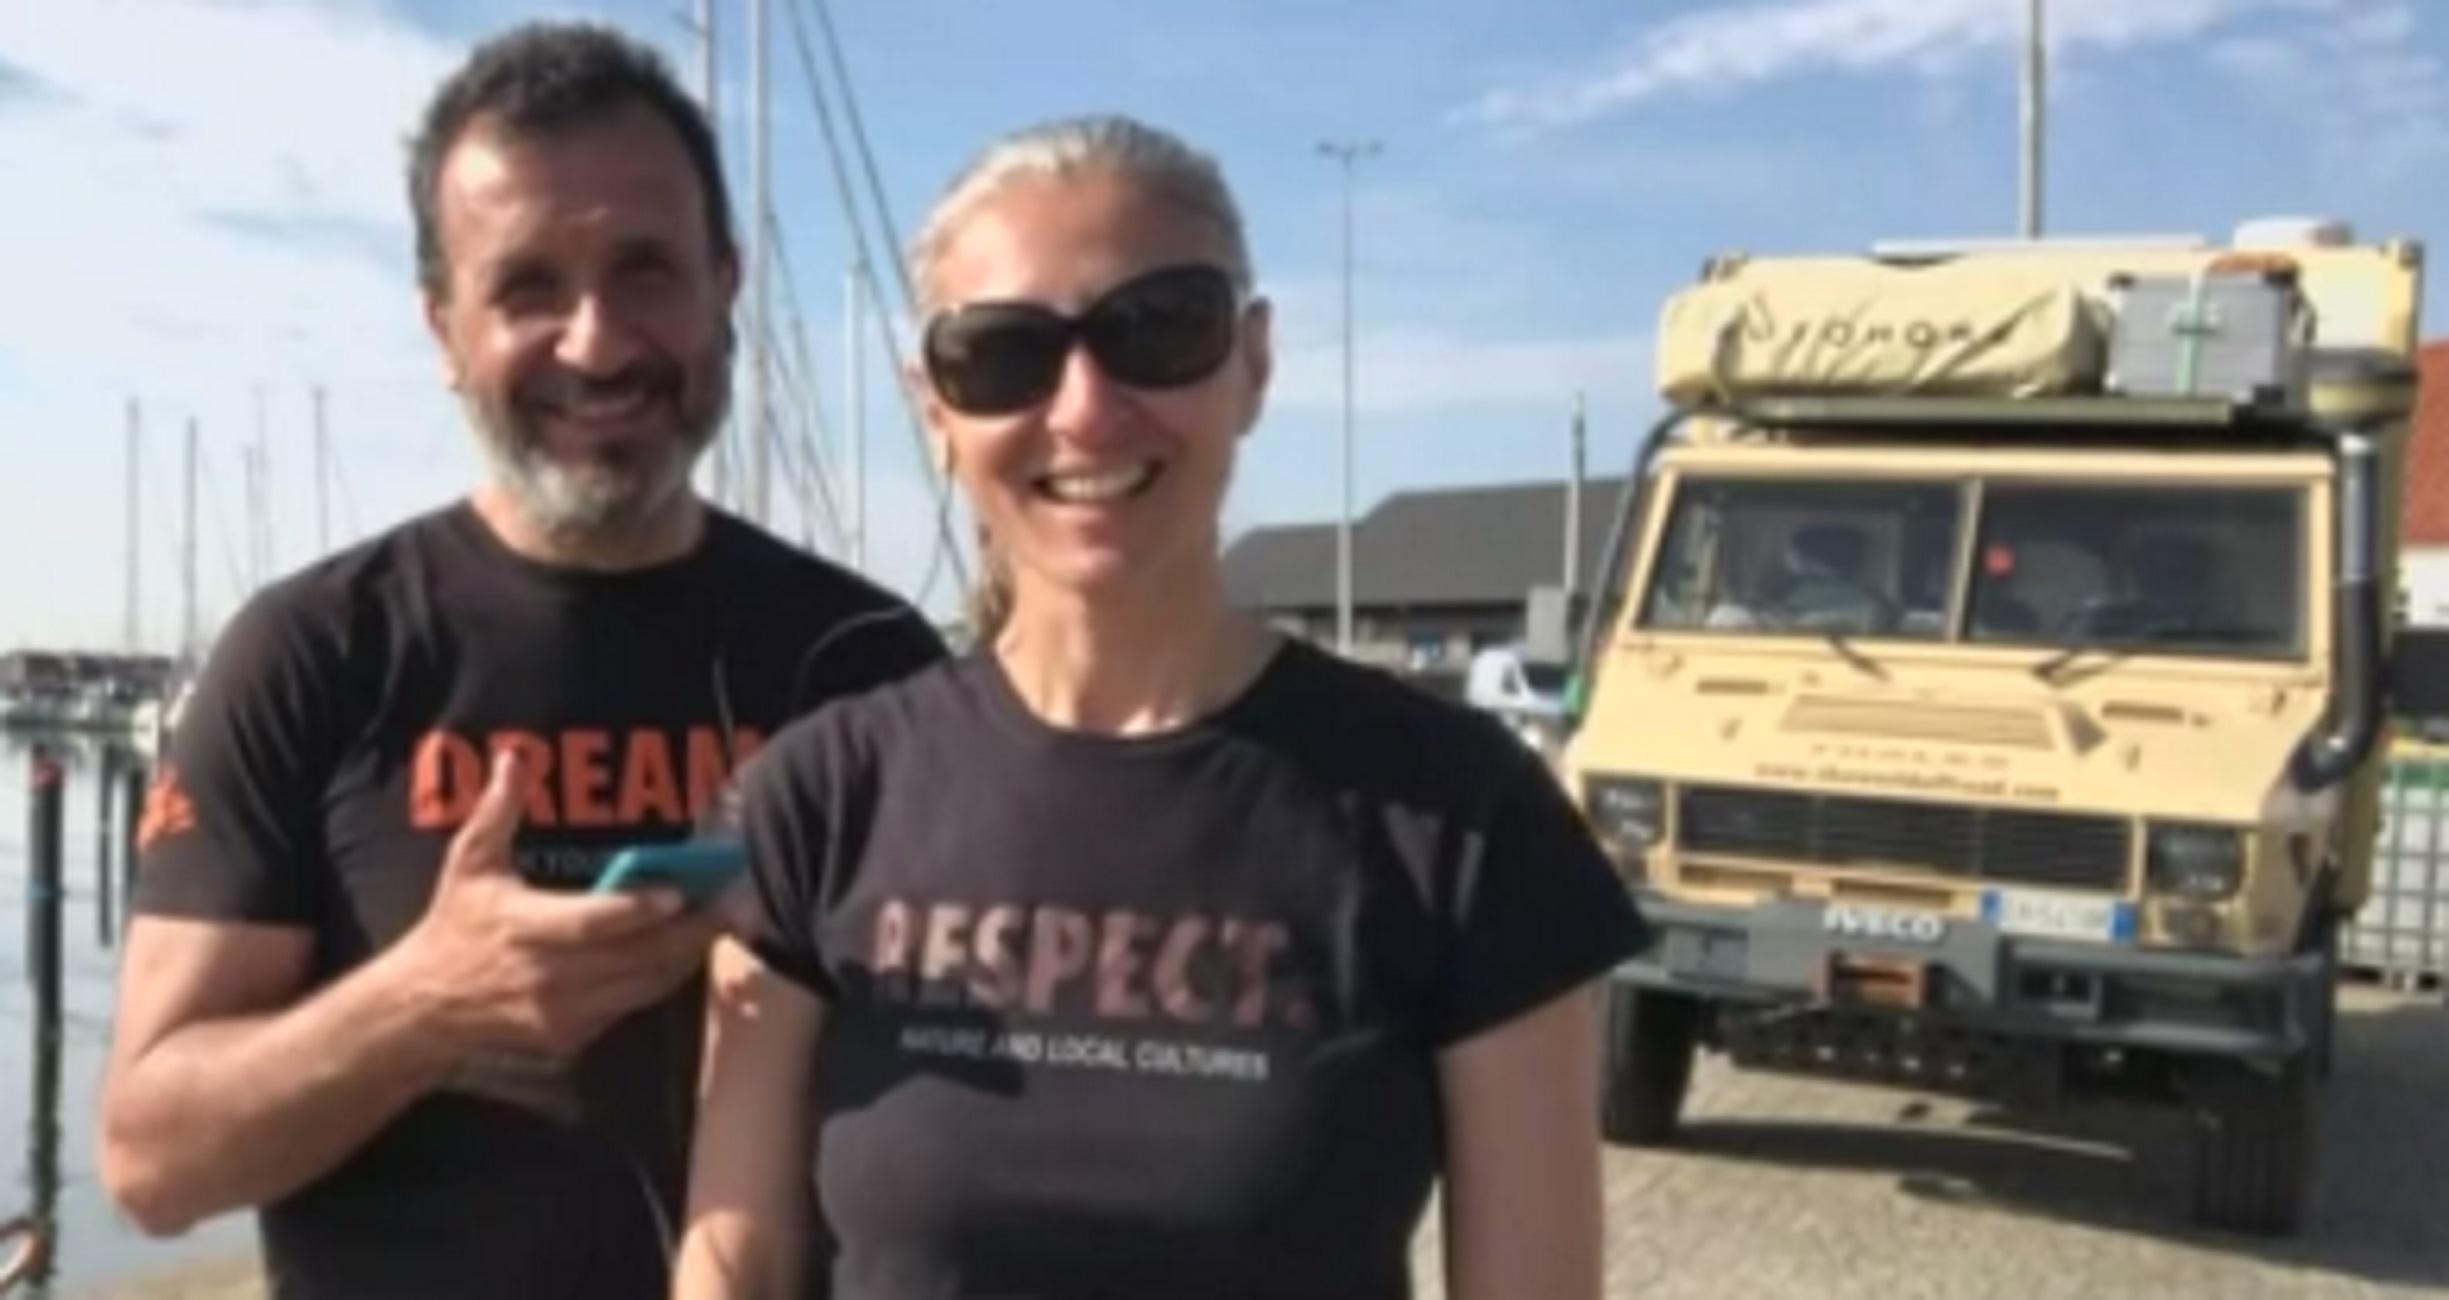 Θεσσαλονίκη: Γνωρίστε την οικογένεια που κάνει το γύρο του κόσμου με αυτό το βανάκι